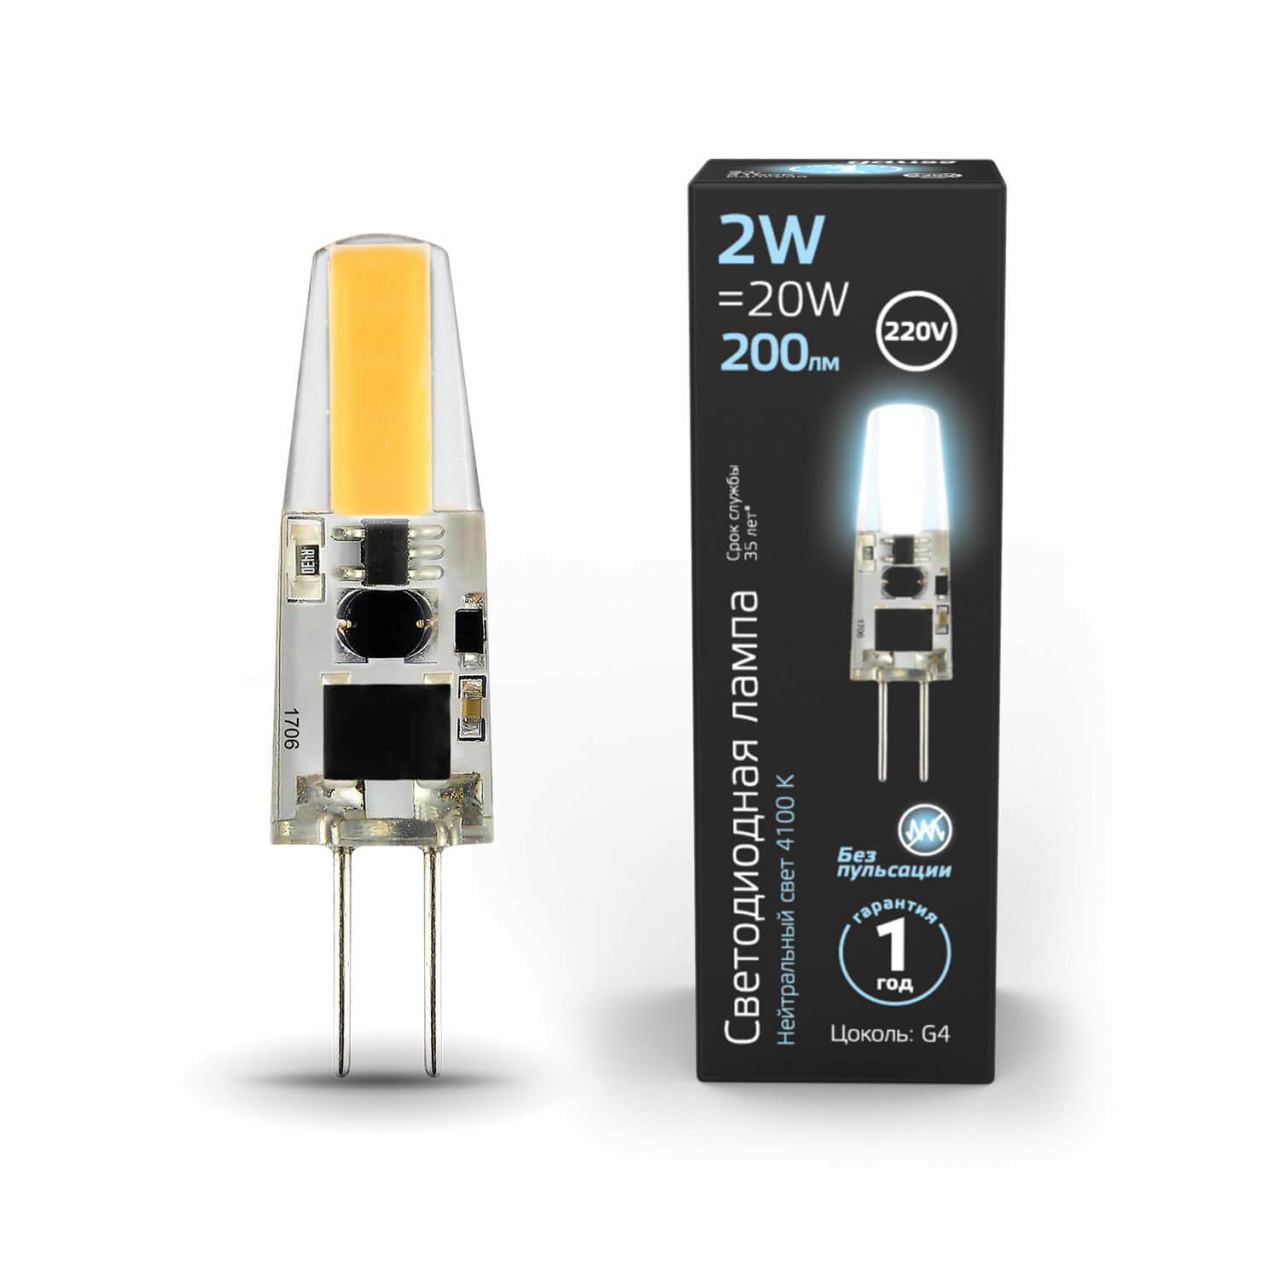 Лампа светодиодная Gauss G4 2W 4100K прозрачная 107707202 gauss лампа светодиодная gauss капсула прозрачная g4 3w 12v 4100k 207707203